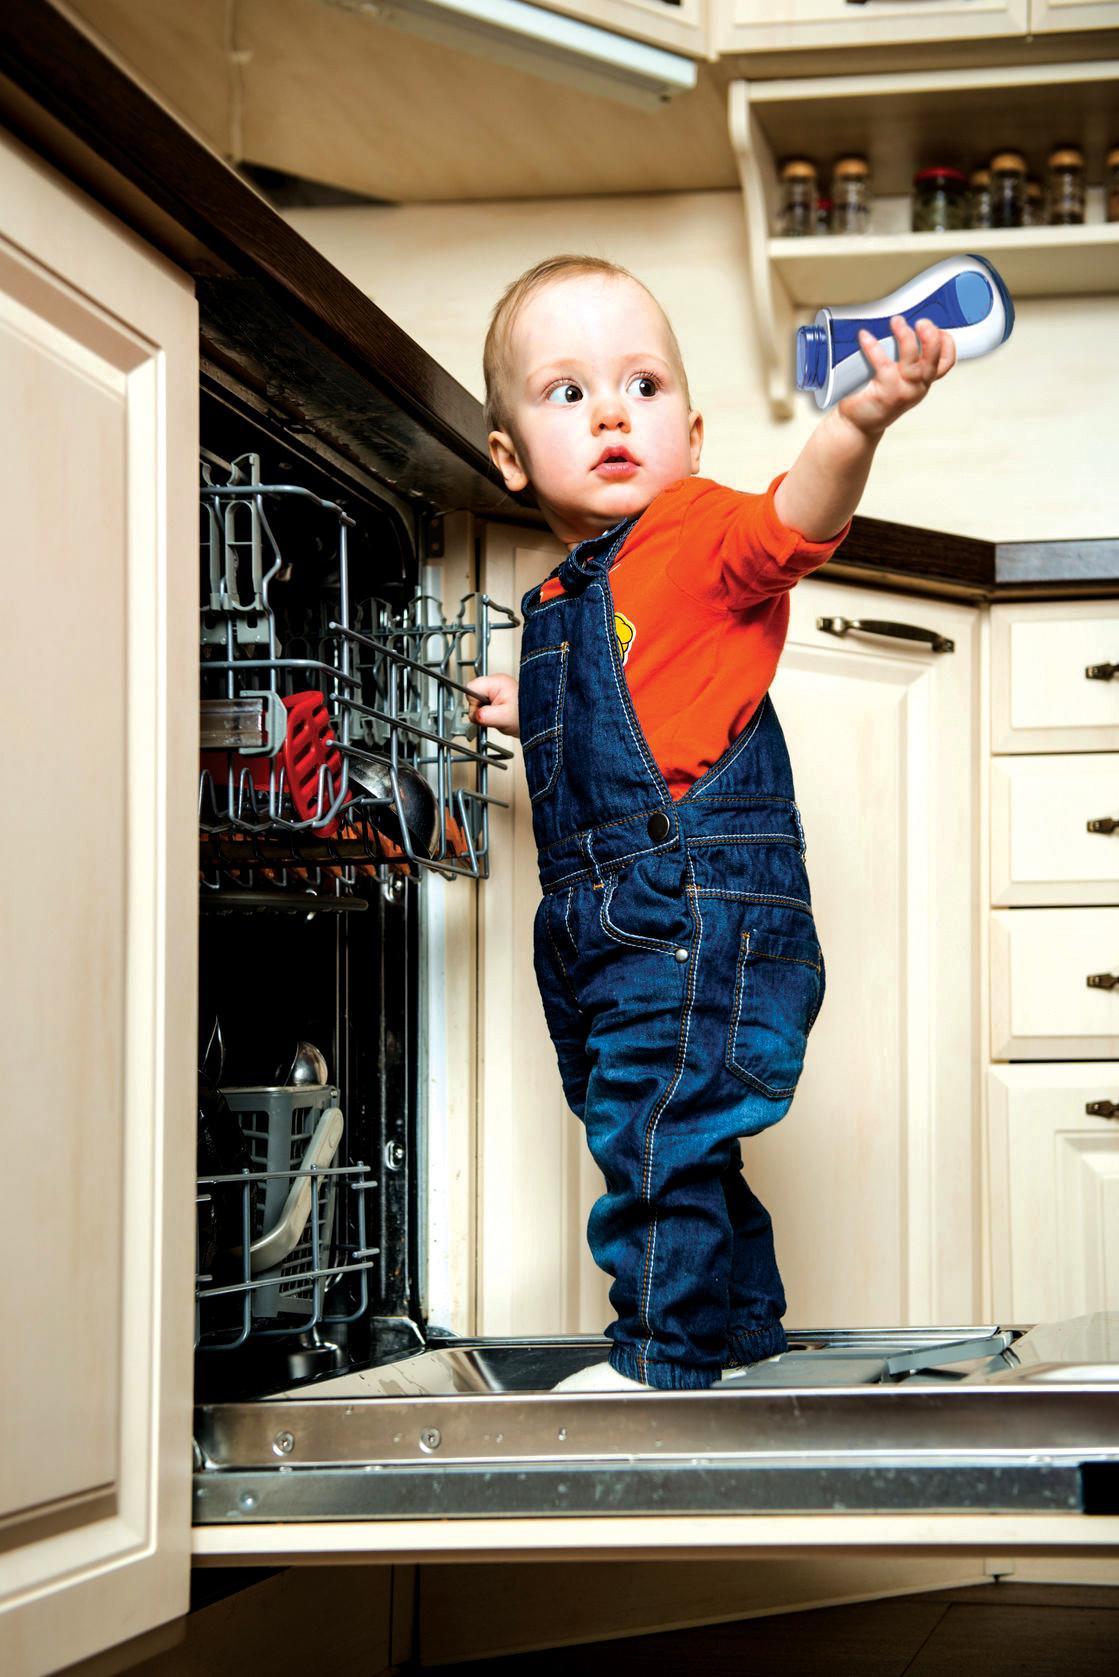 Pranje bočice u perilici posuđa